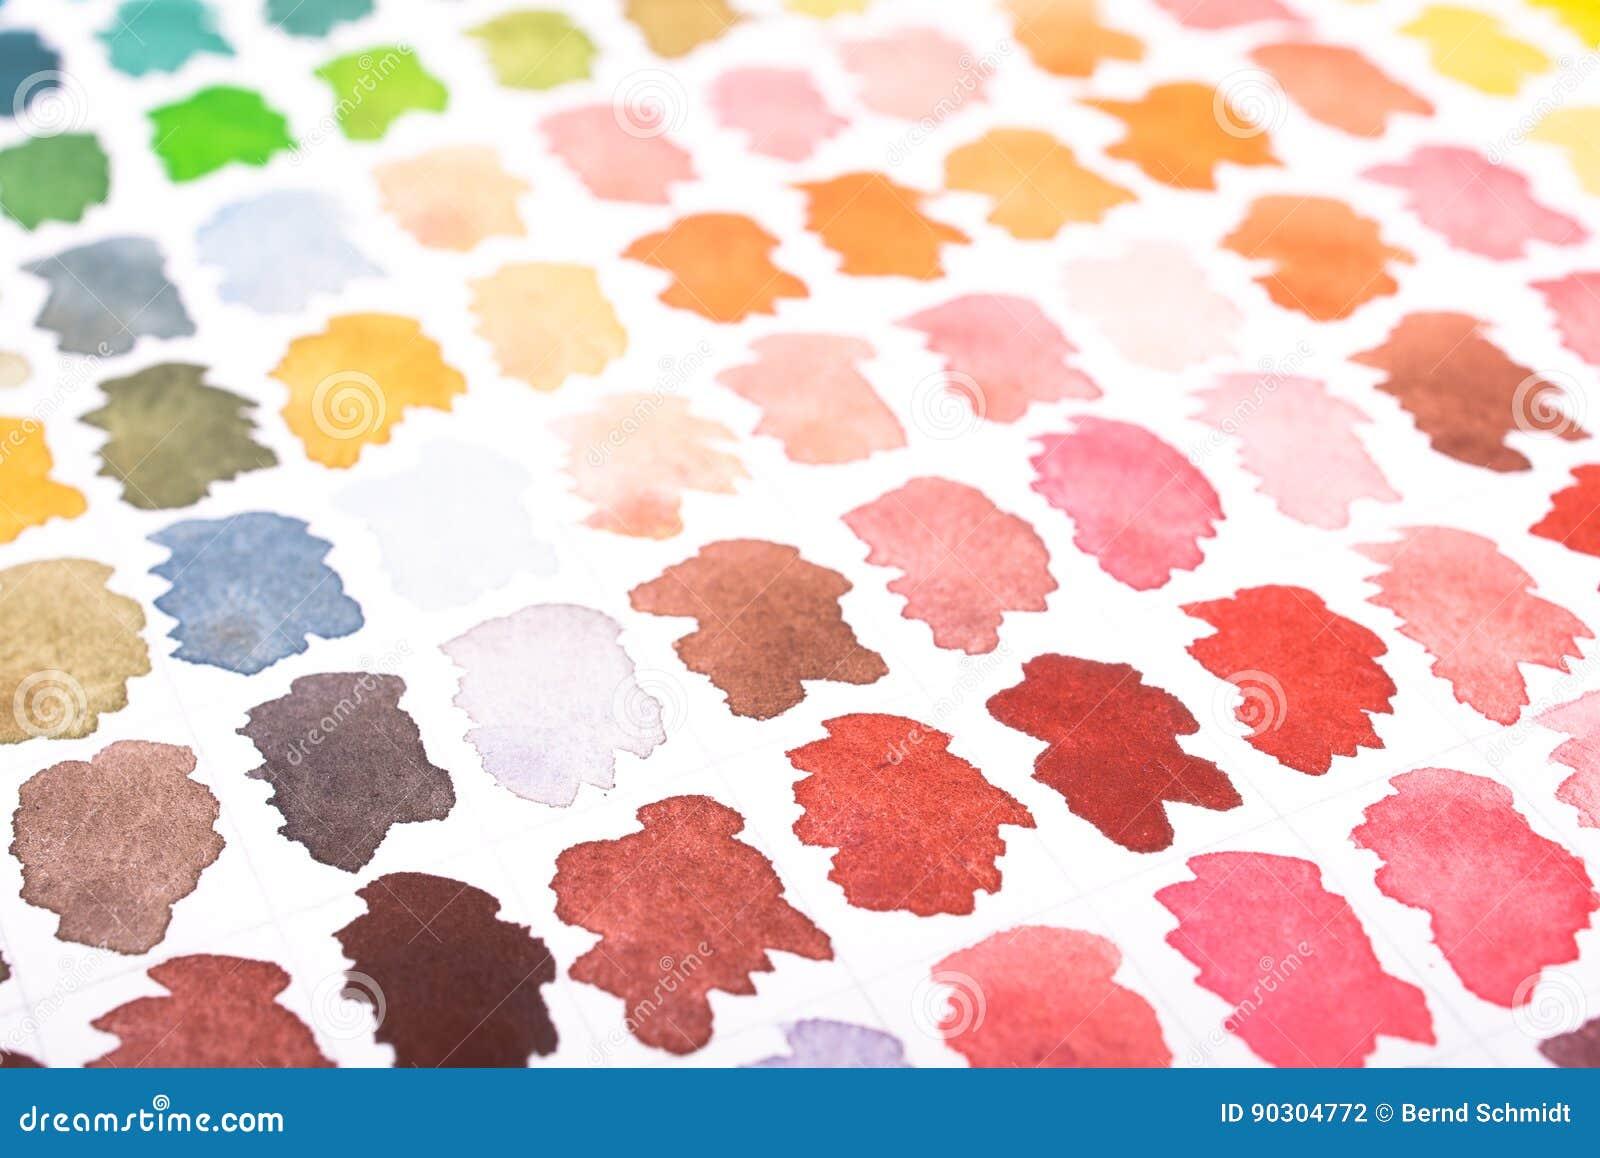 Las acuarelas en diversos colores broncean, rojo y verde